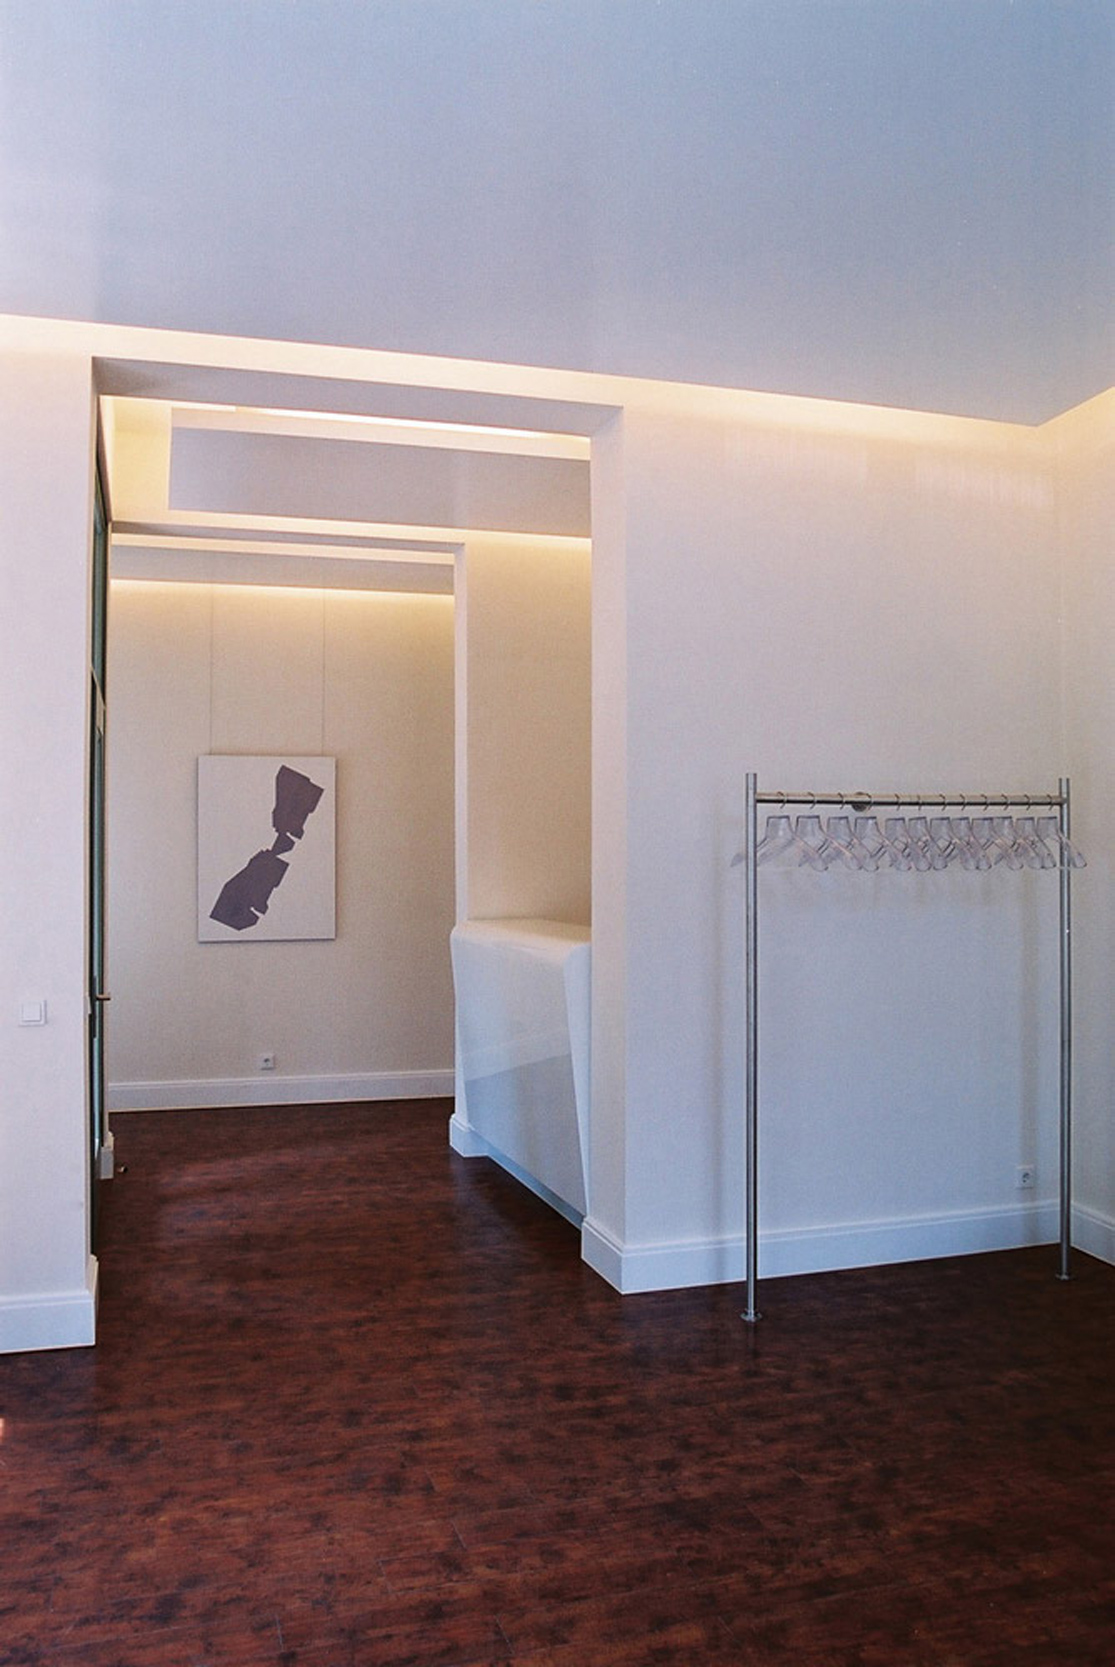 Die Beleuchtung aller Praxisräume erfolgt indirekt über hochglänzende Deckensegel aus Gipskarton.